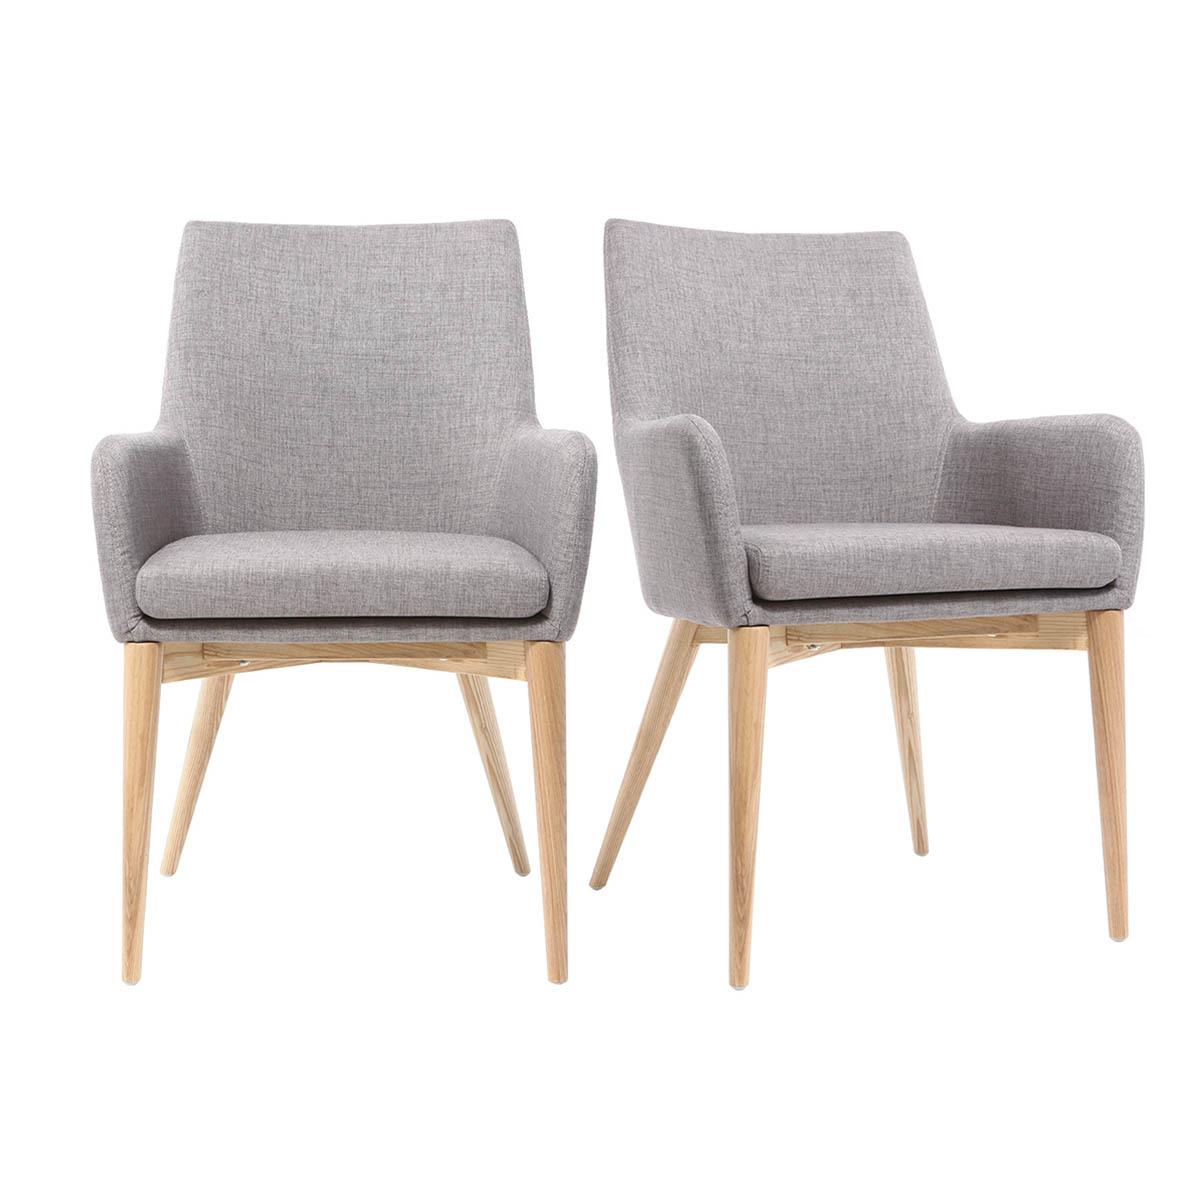 Gruppo di 2 poltrona design legno chiaro e tessuto grigio chiaro SHANA